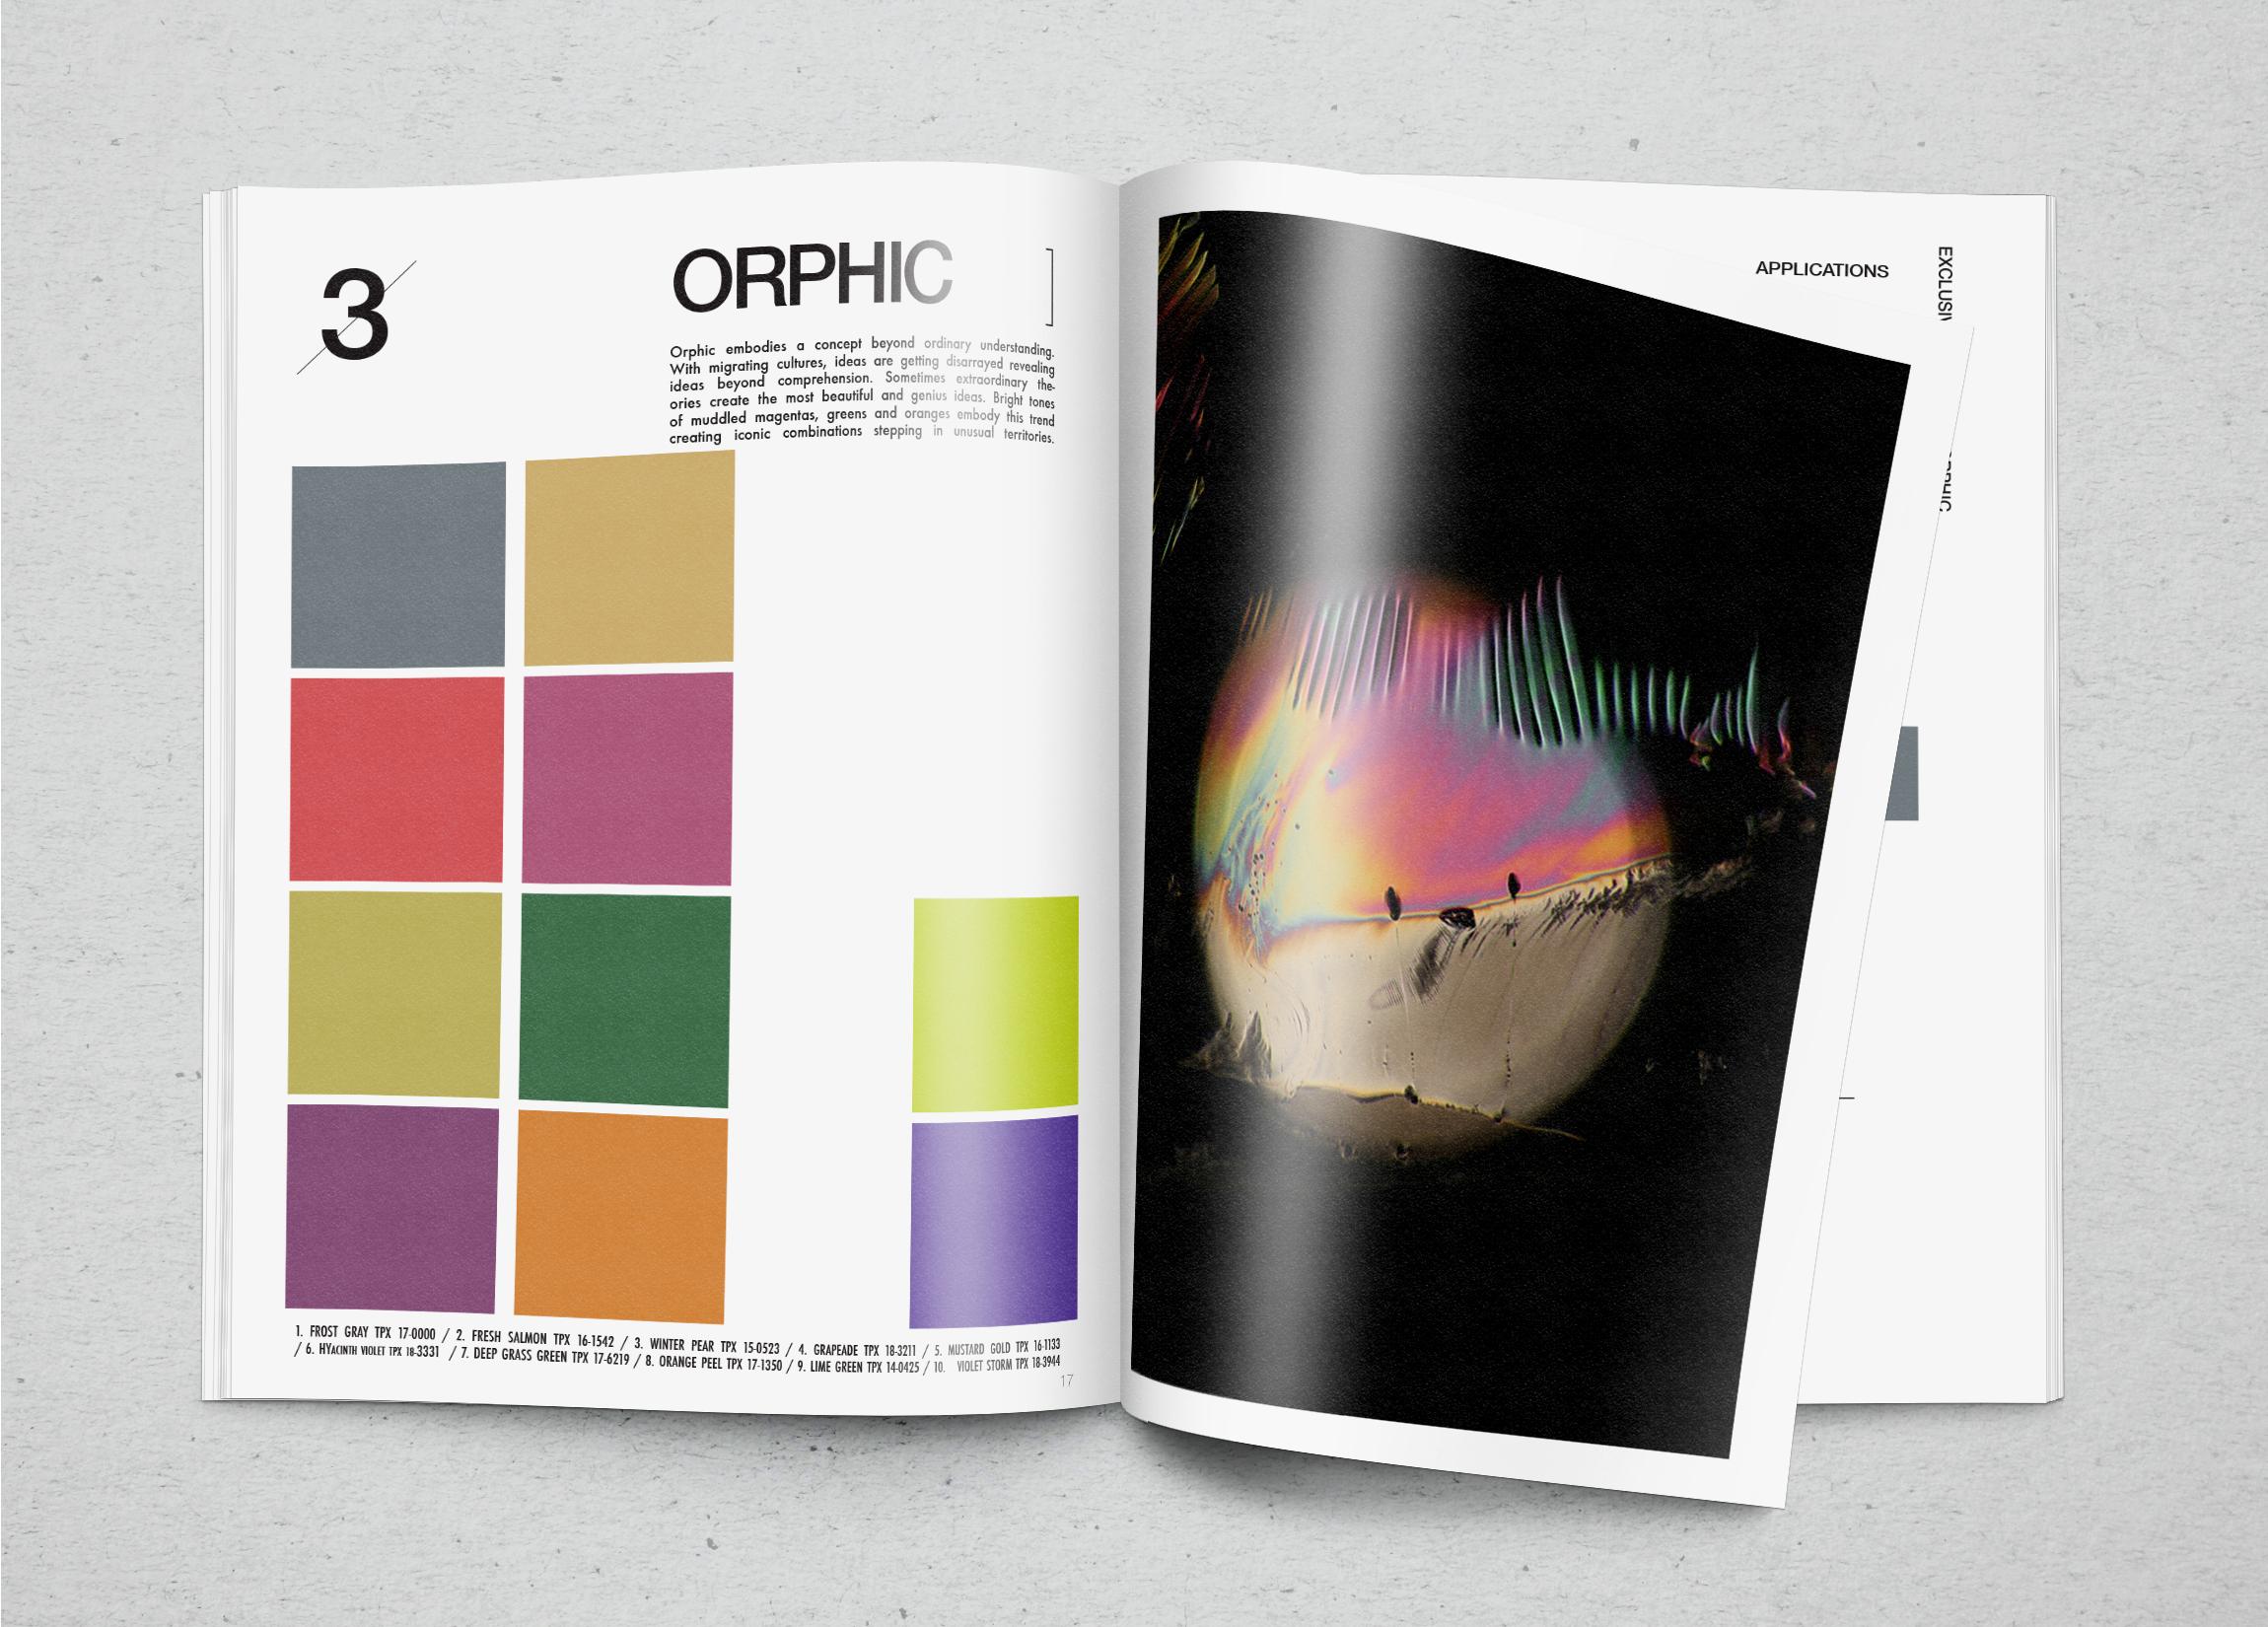 PARt_8Photorealistic Magazine MockUp.jpg